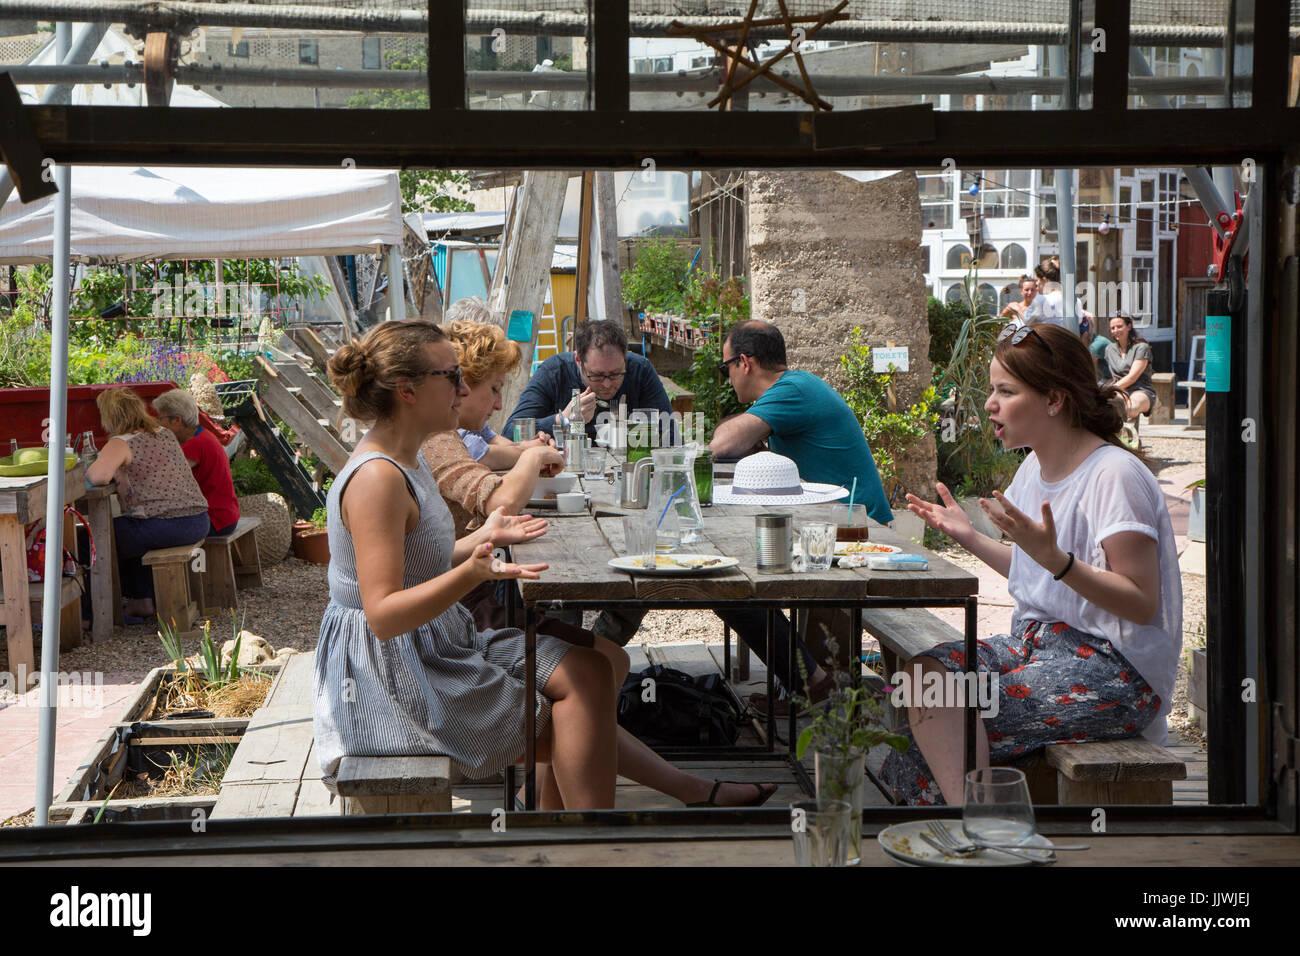 Almuerzo en el jardín y cocina Skip, King's Cross de Londres Imagen De Stock